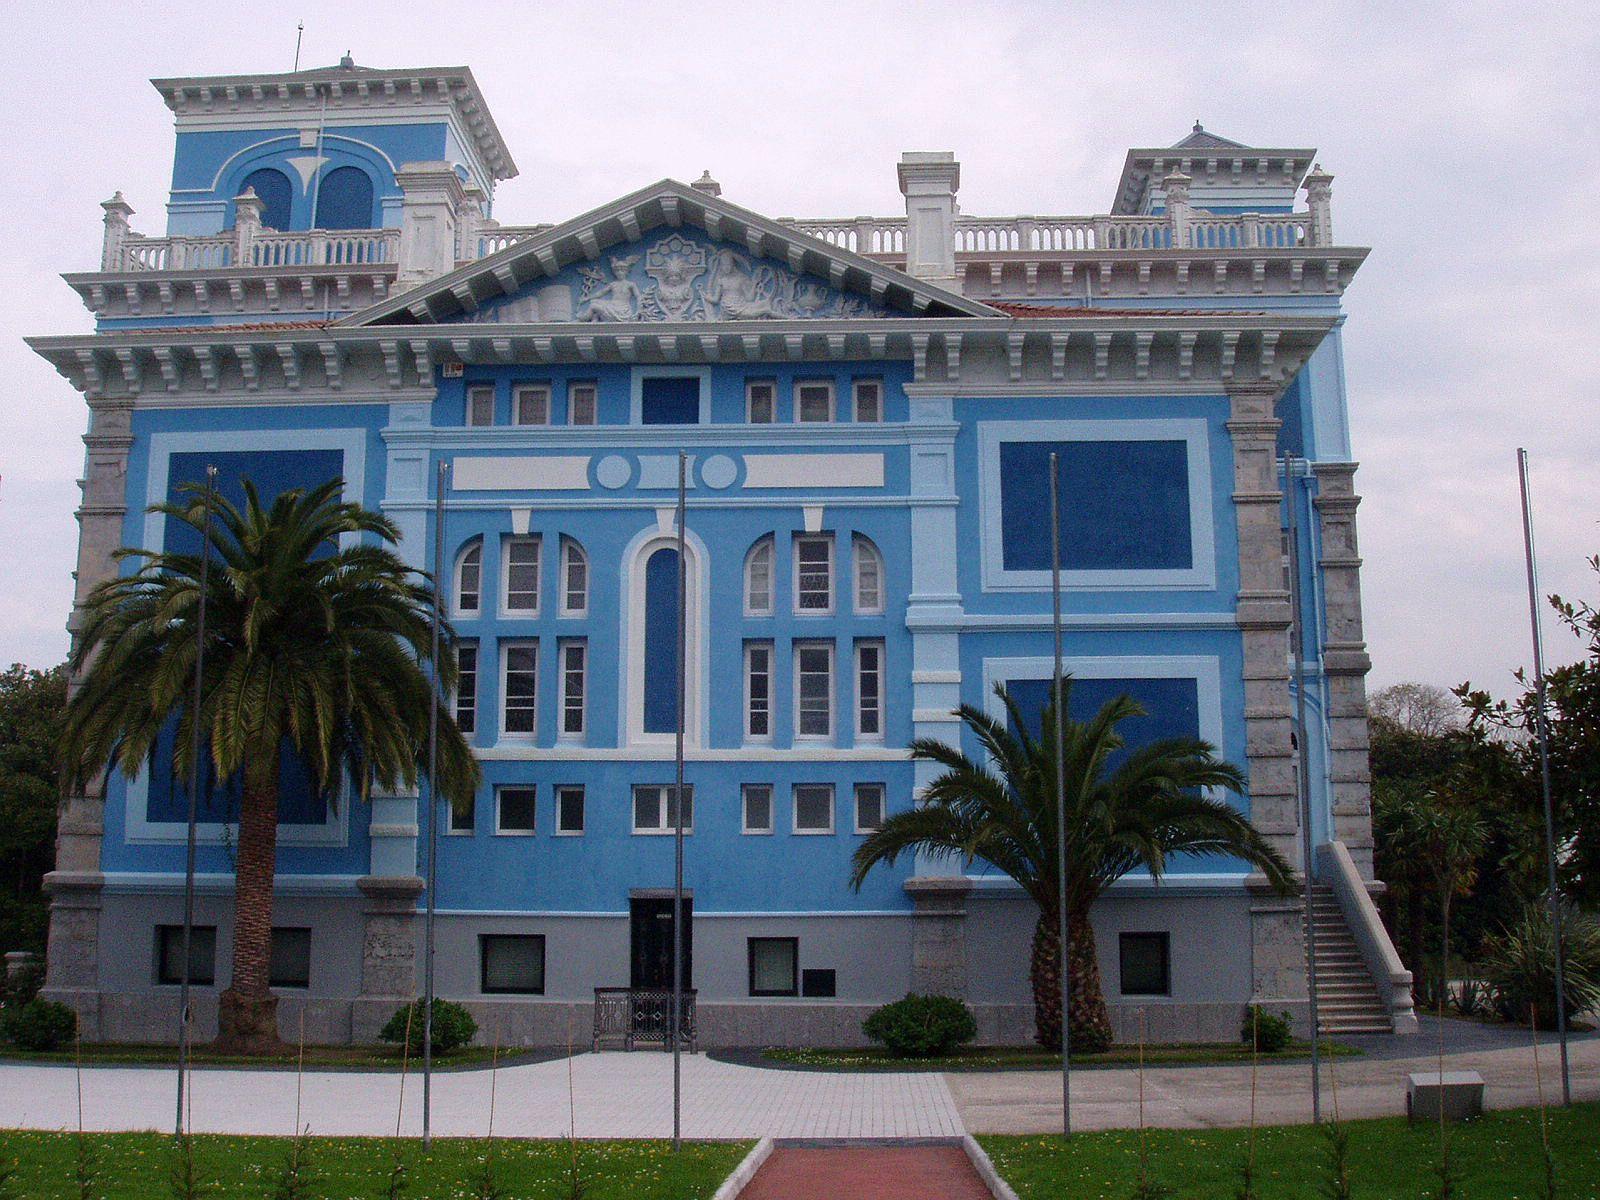 Casas de indianos en colombres asturias espa a spain casas de indianos en el c nt brico - Casa de asturias madrid ...